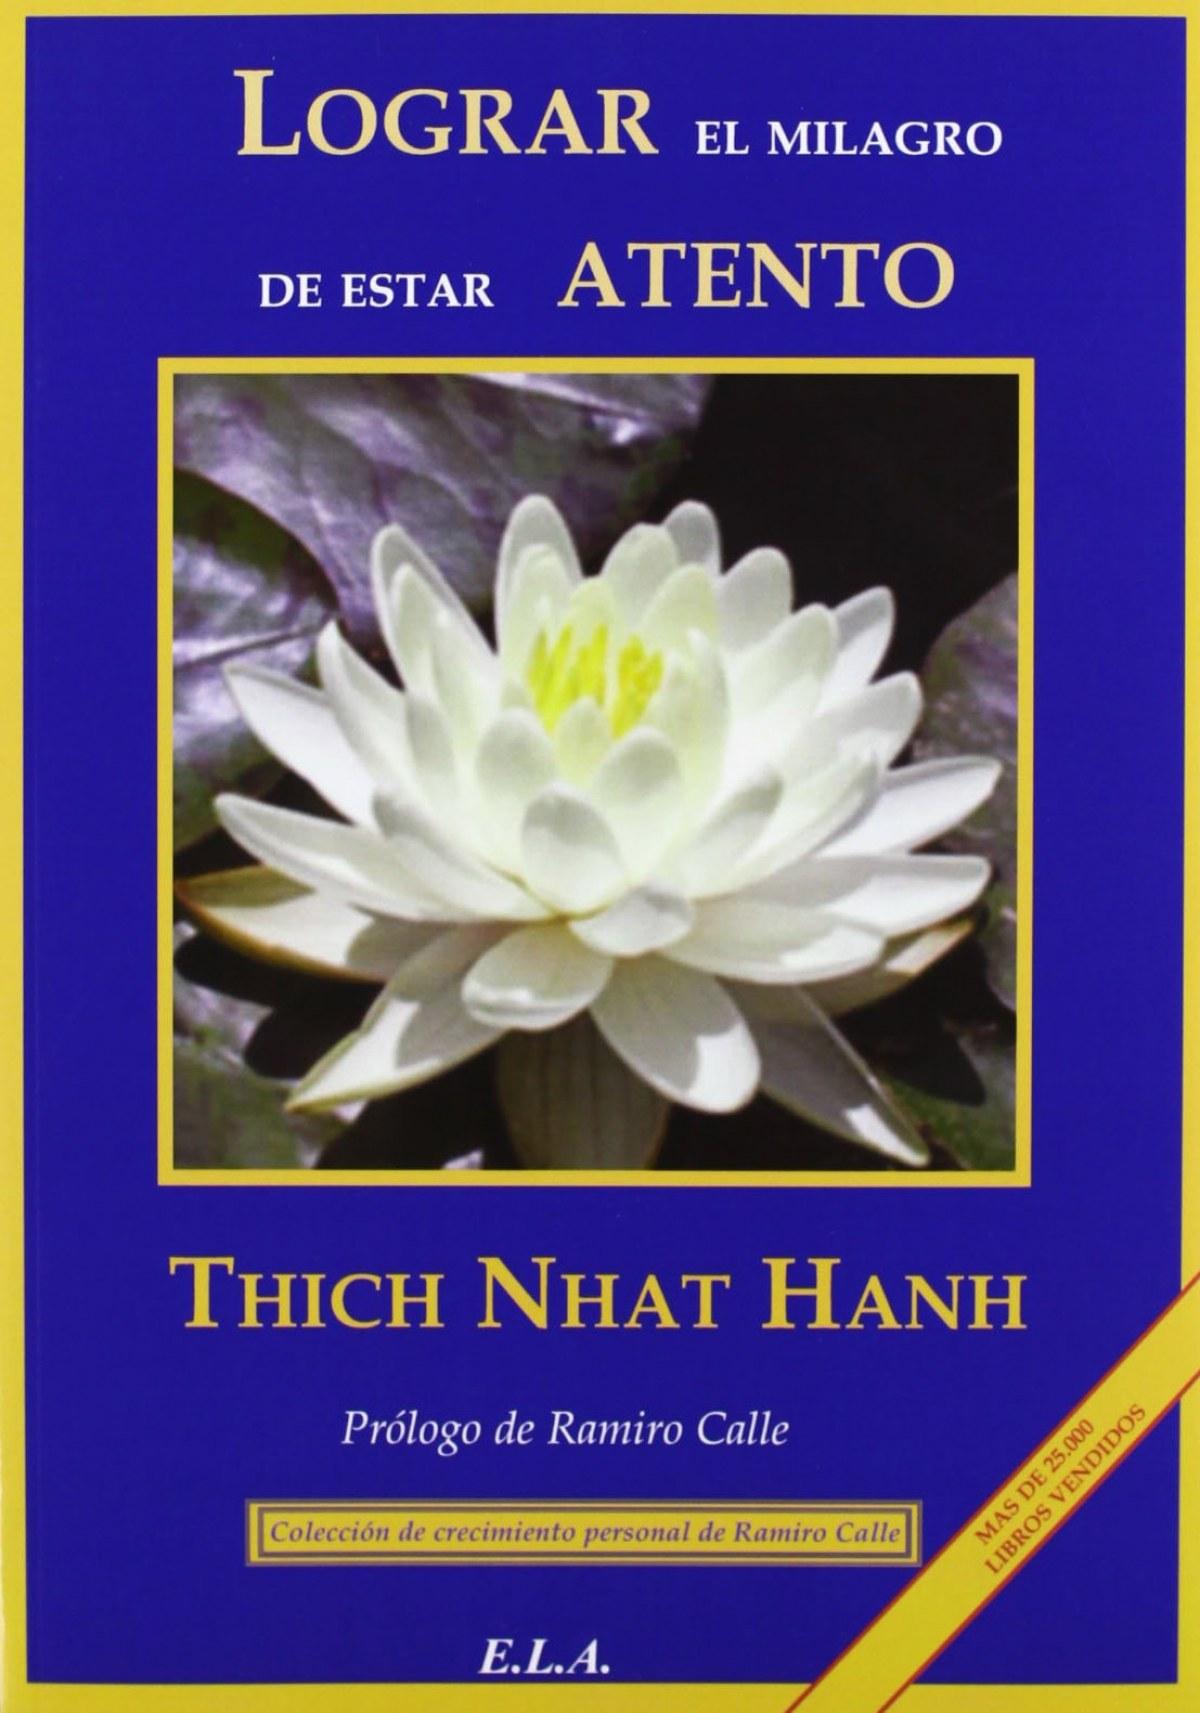 LOGRAR EL MILAGRO DE ESTAR ATENTO Un manual de meditación - Nhat Hanh, Tich